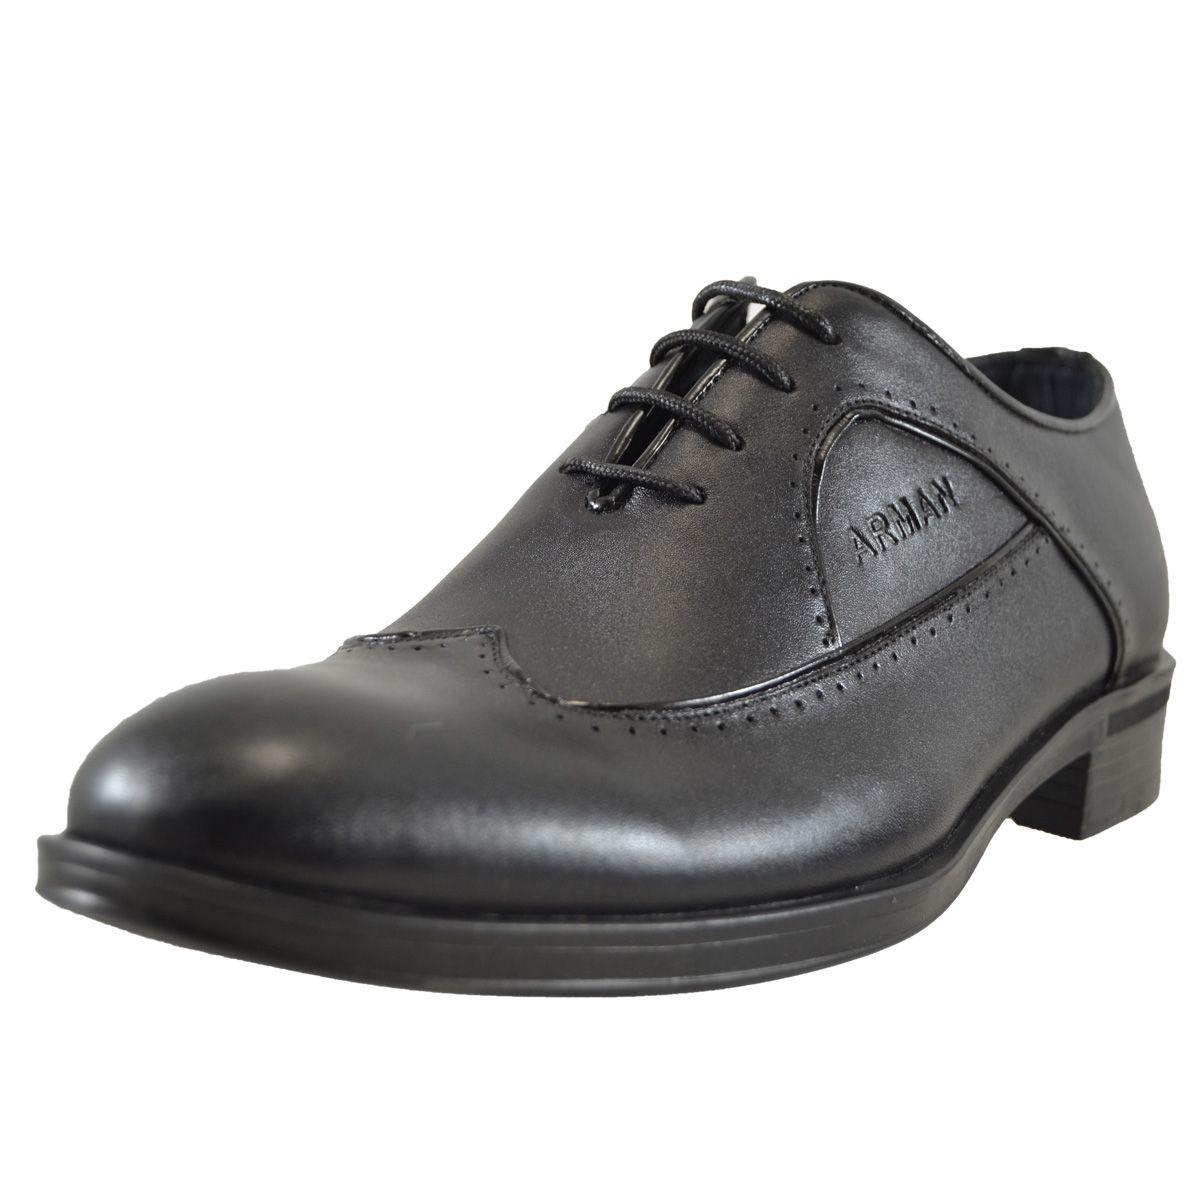 کفش مردانه کد 231 -  - 4